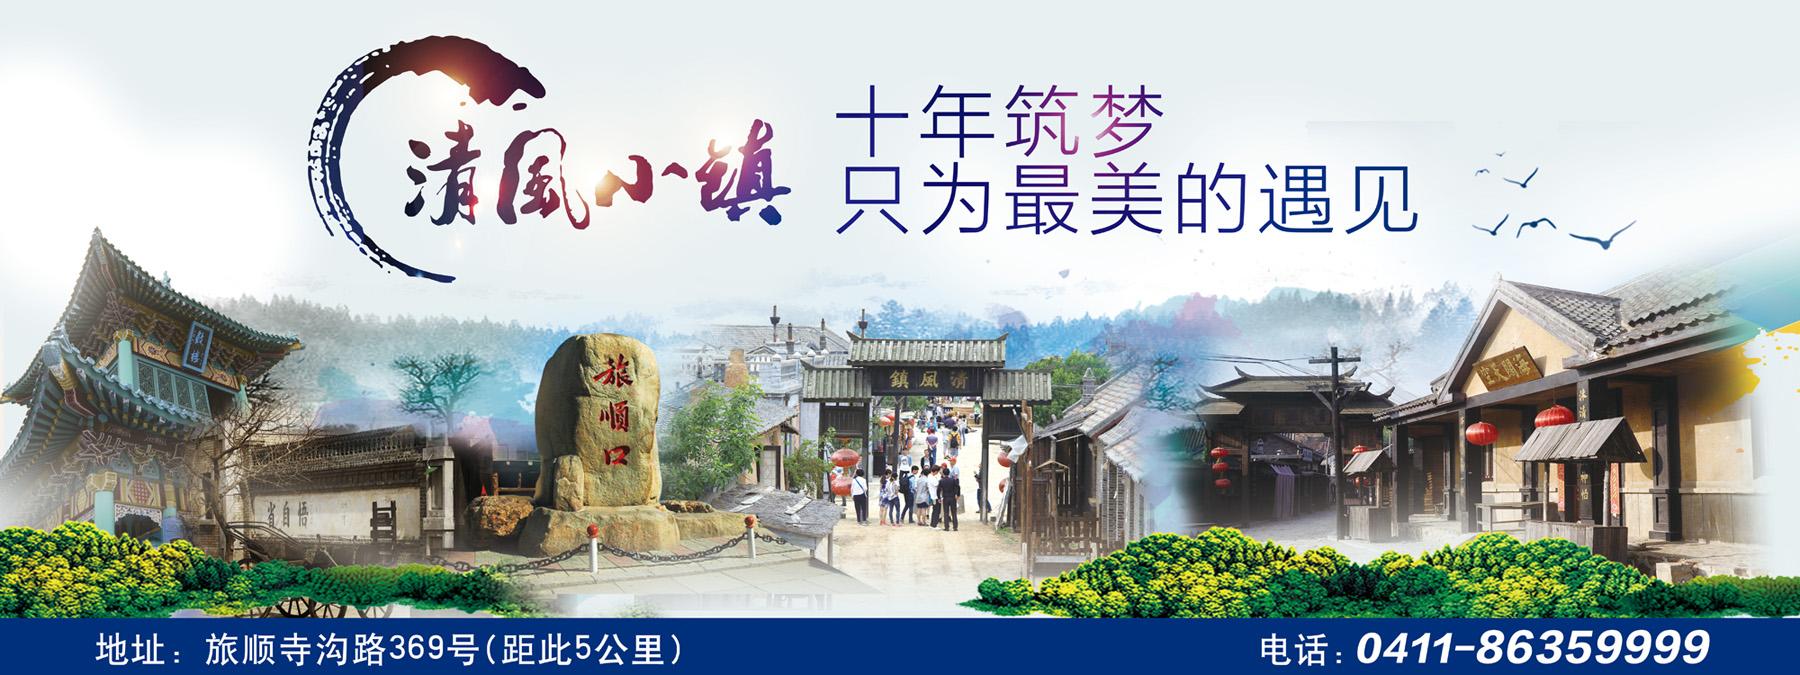 清风小镇影视基地户外广告牌设计_2963428_k68威客网